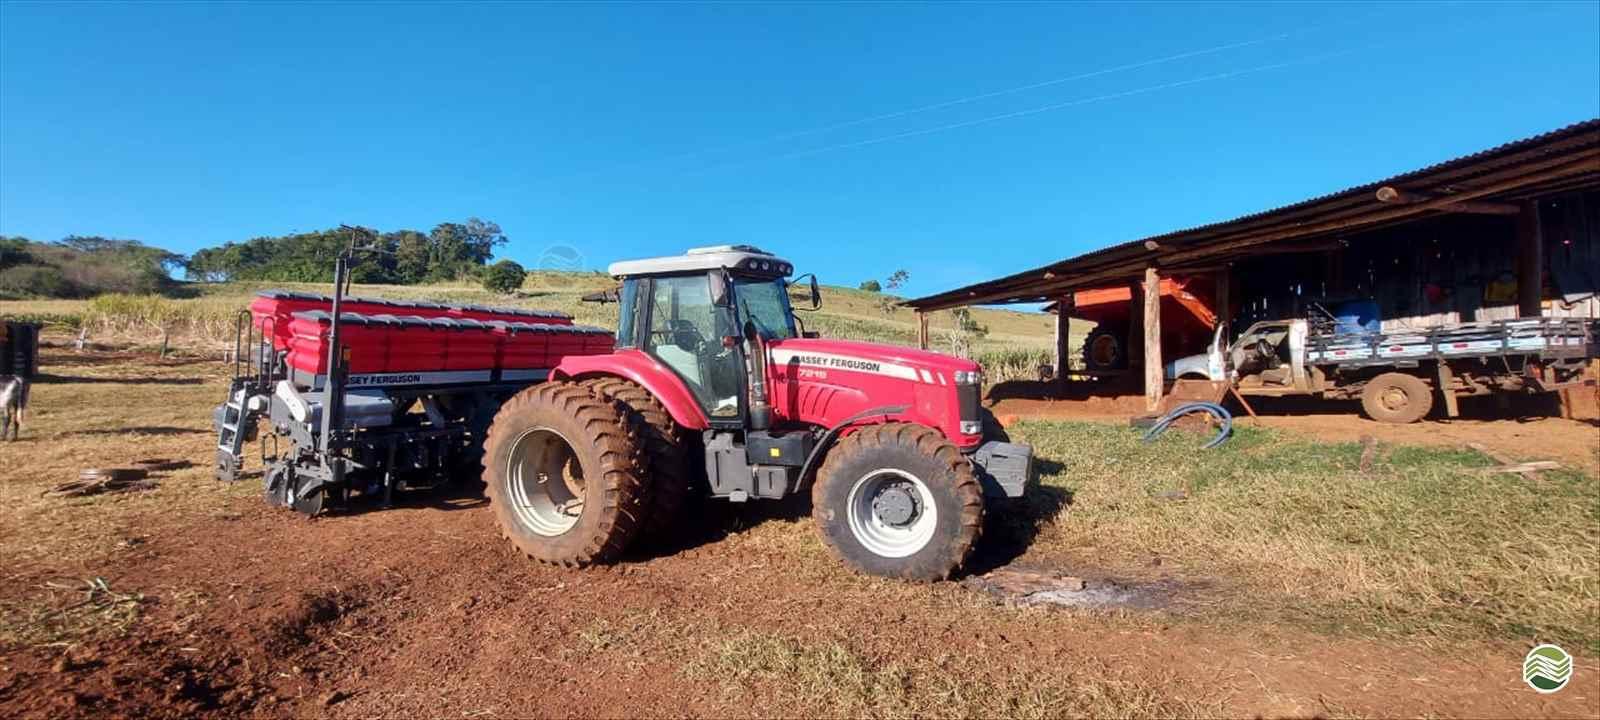 MF 7219 de Máquinas Agrícolas Pitanga - PITANGA/PR